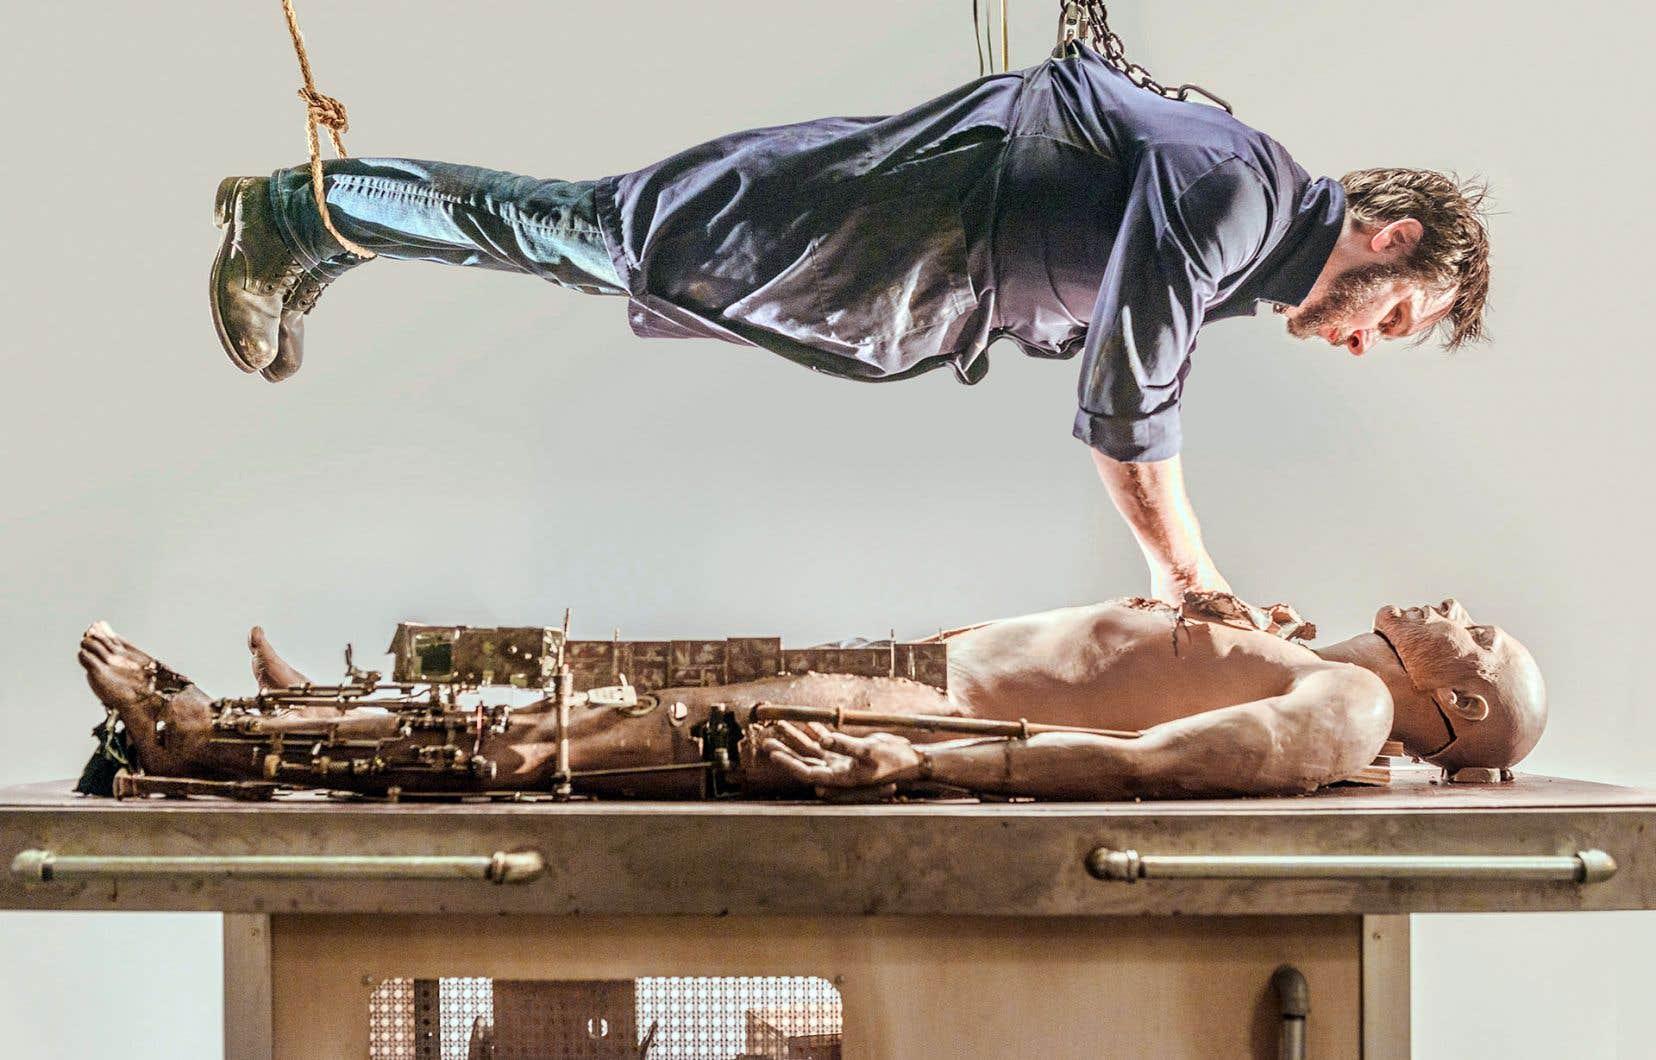 Le cinéaste Patrick Bouchard propose une fable symboliste dans laquelle un artiste-clinicien fait l'autopsie d'un clone dont il extrait divers éléments liés à sa vie.